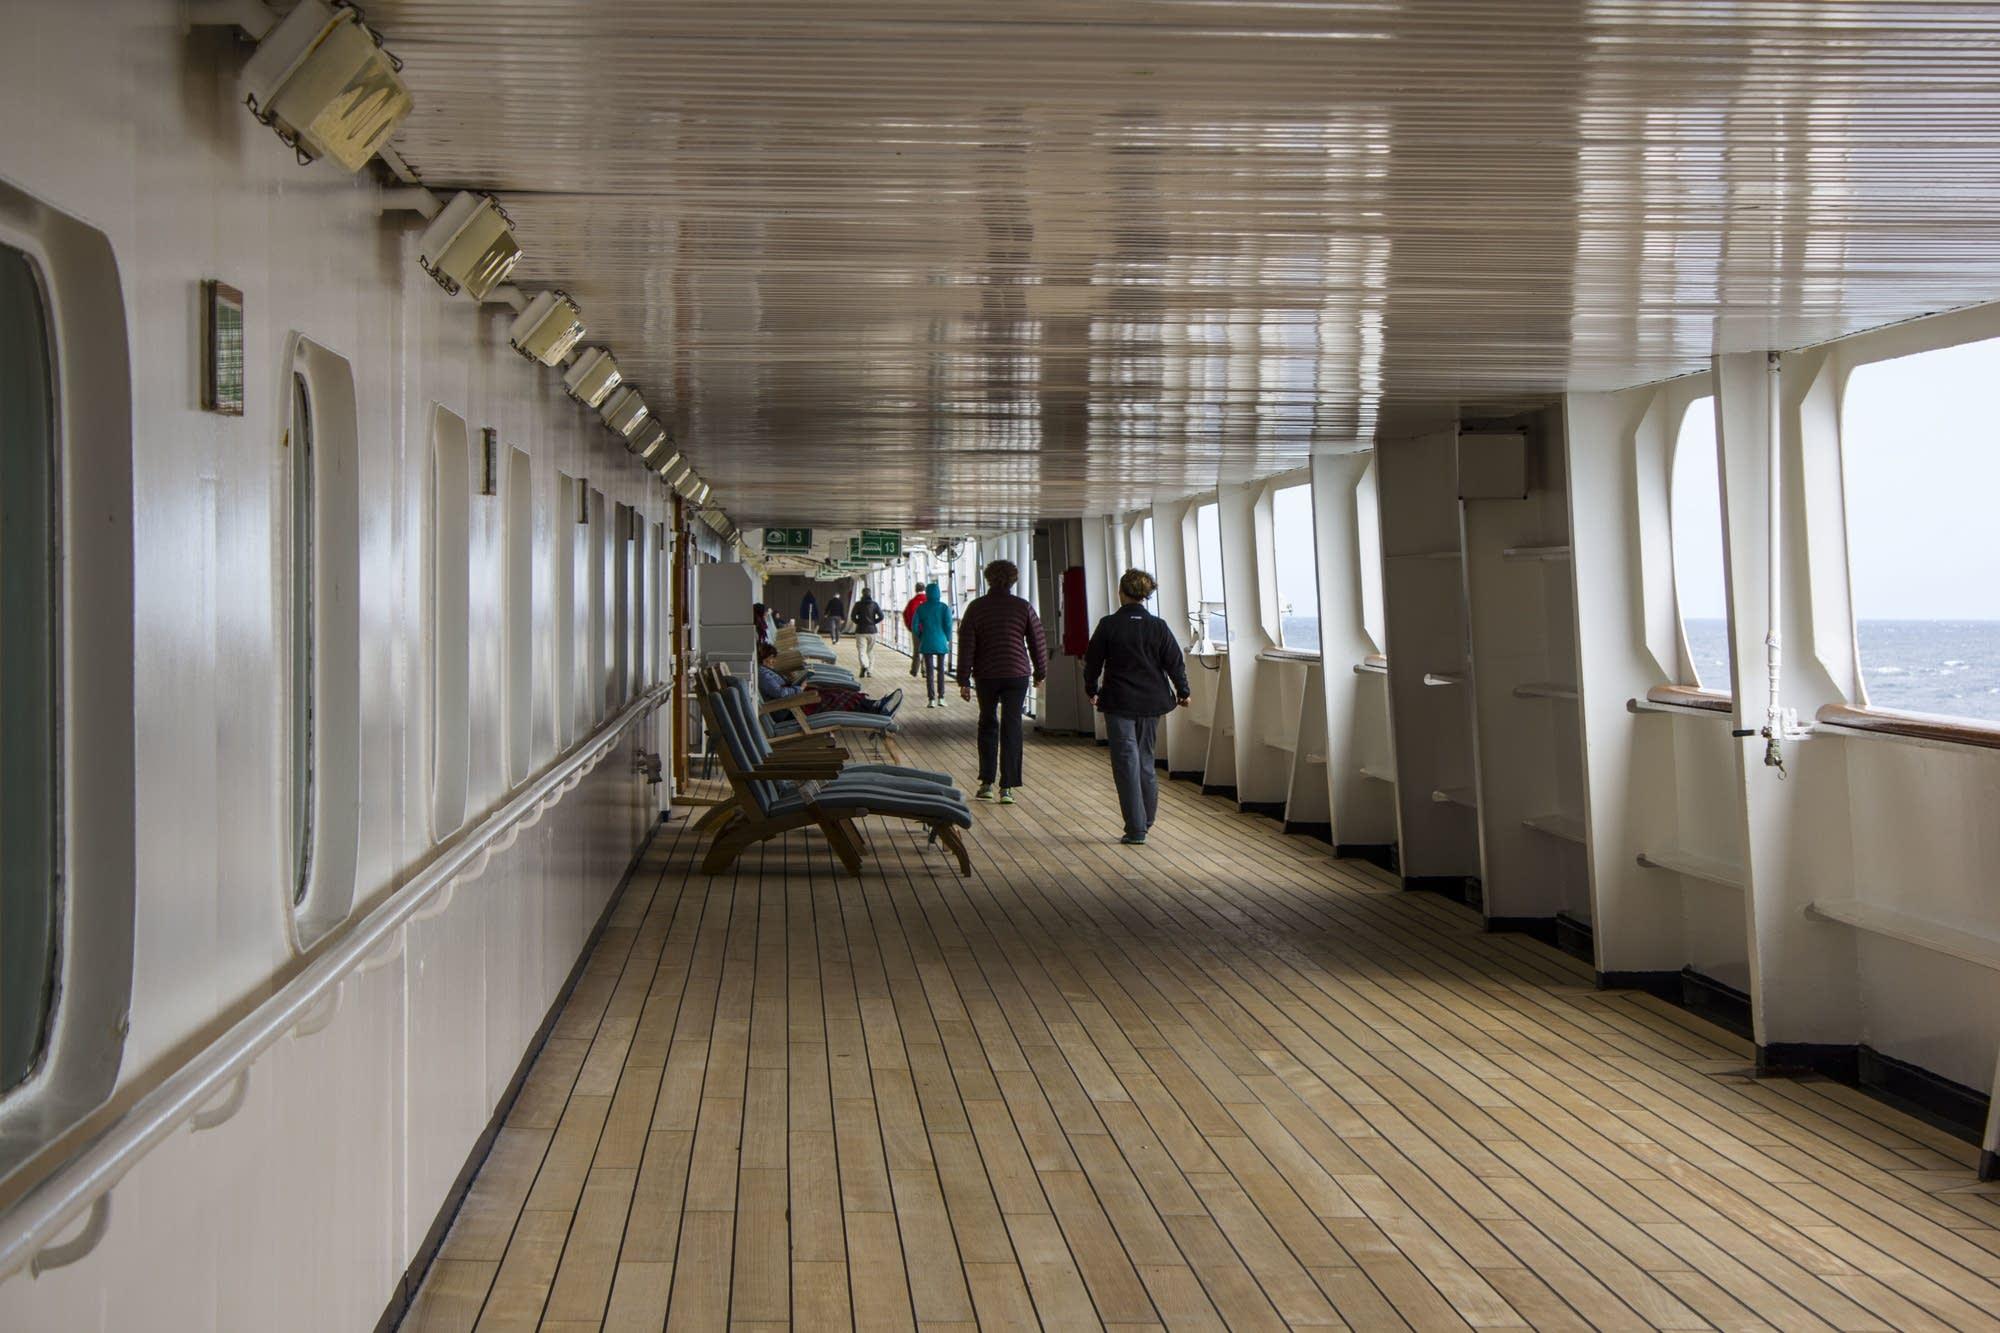 North Sea - 09 - promenade